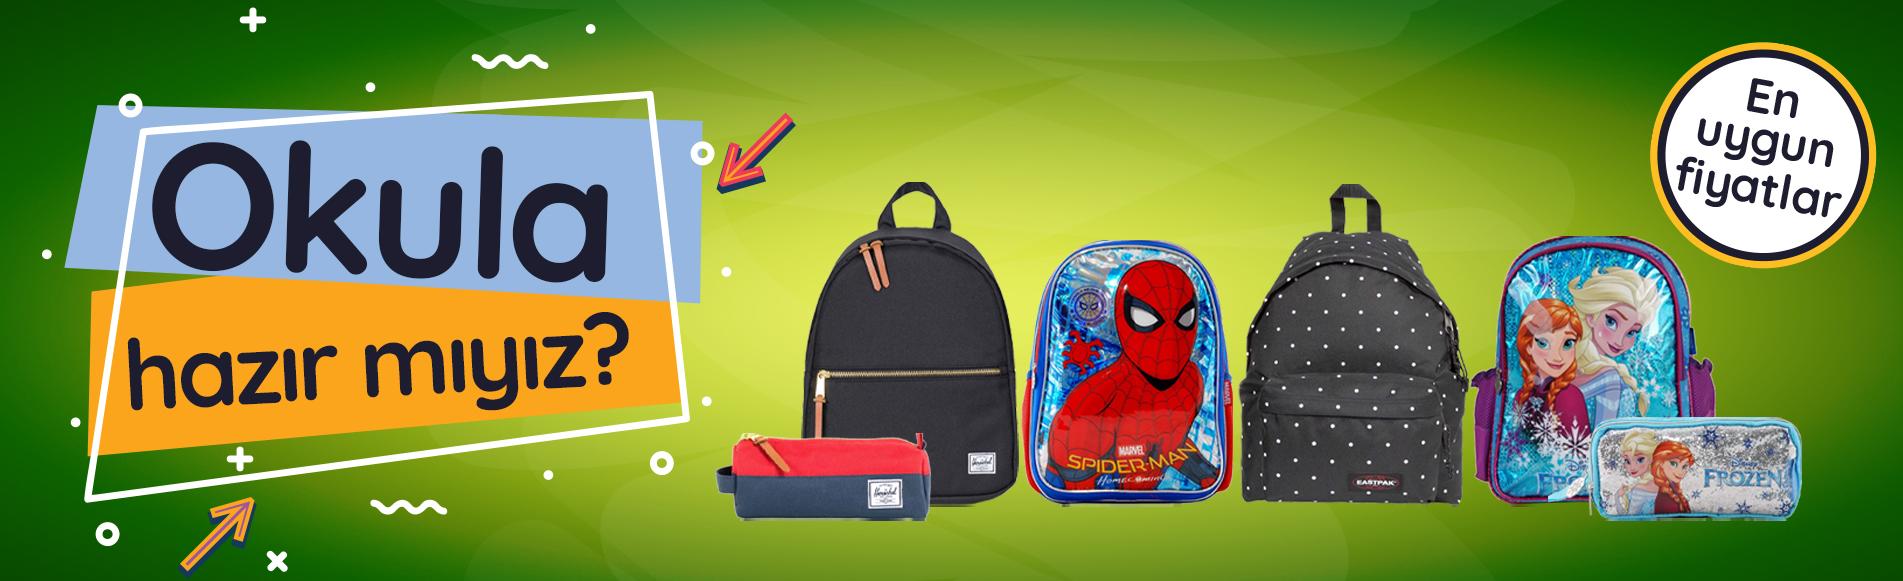 Okula Dönüş Kampanyası